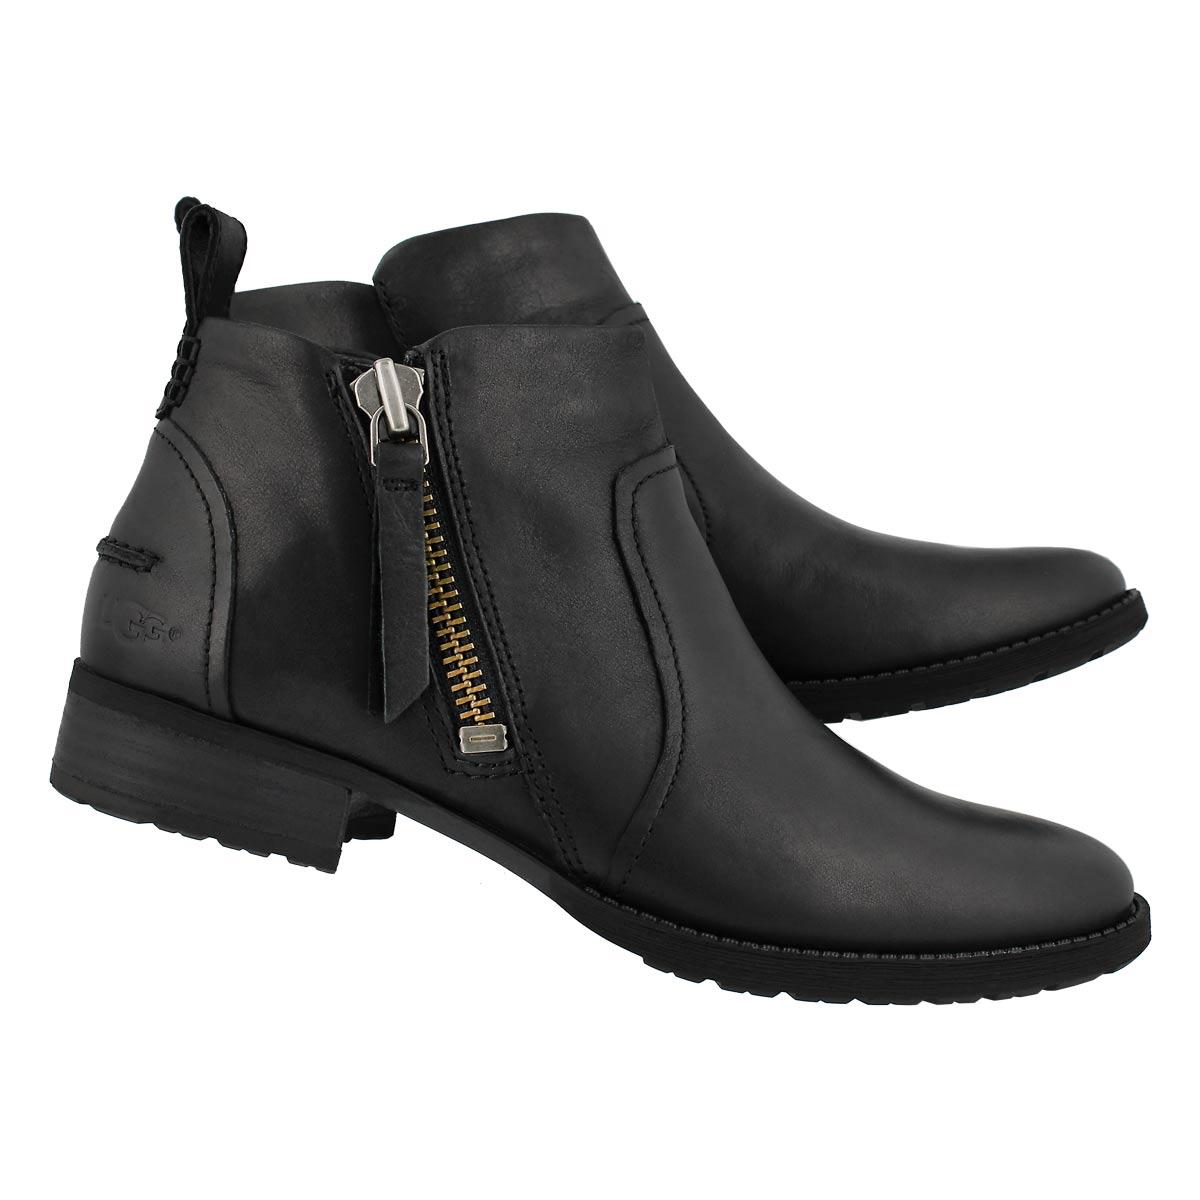 Lds Aureo black lthr side zip bootie